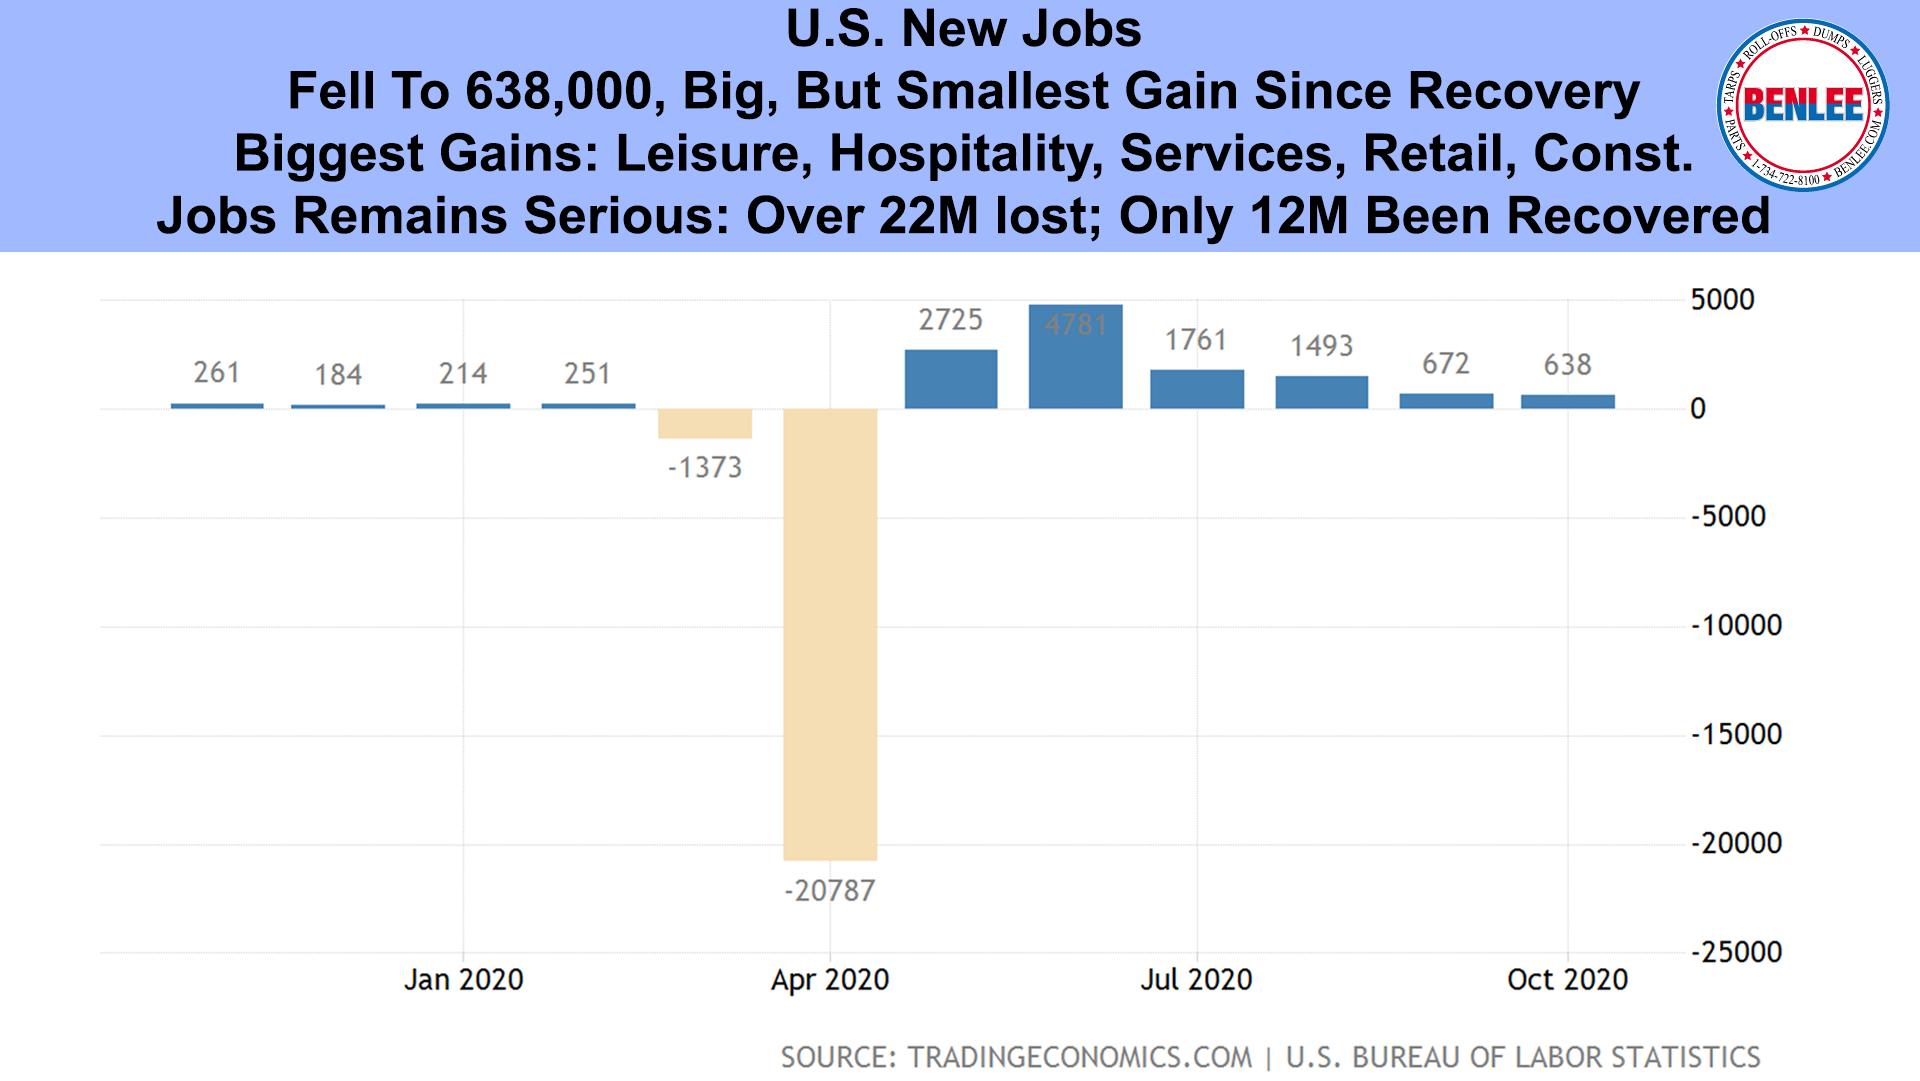 U.S. New Jobs